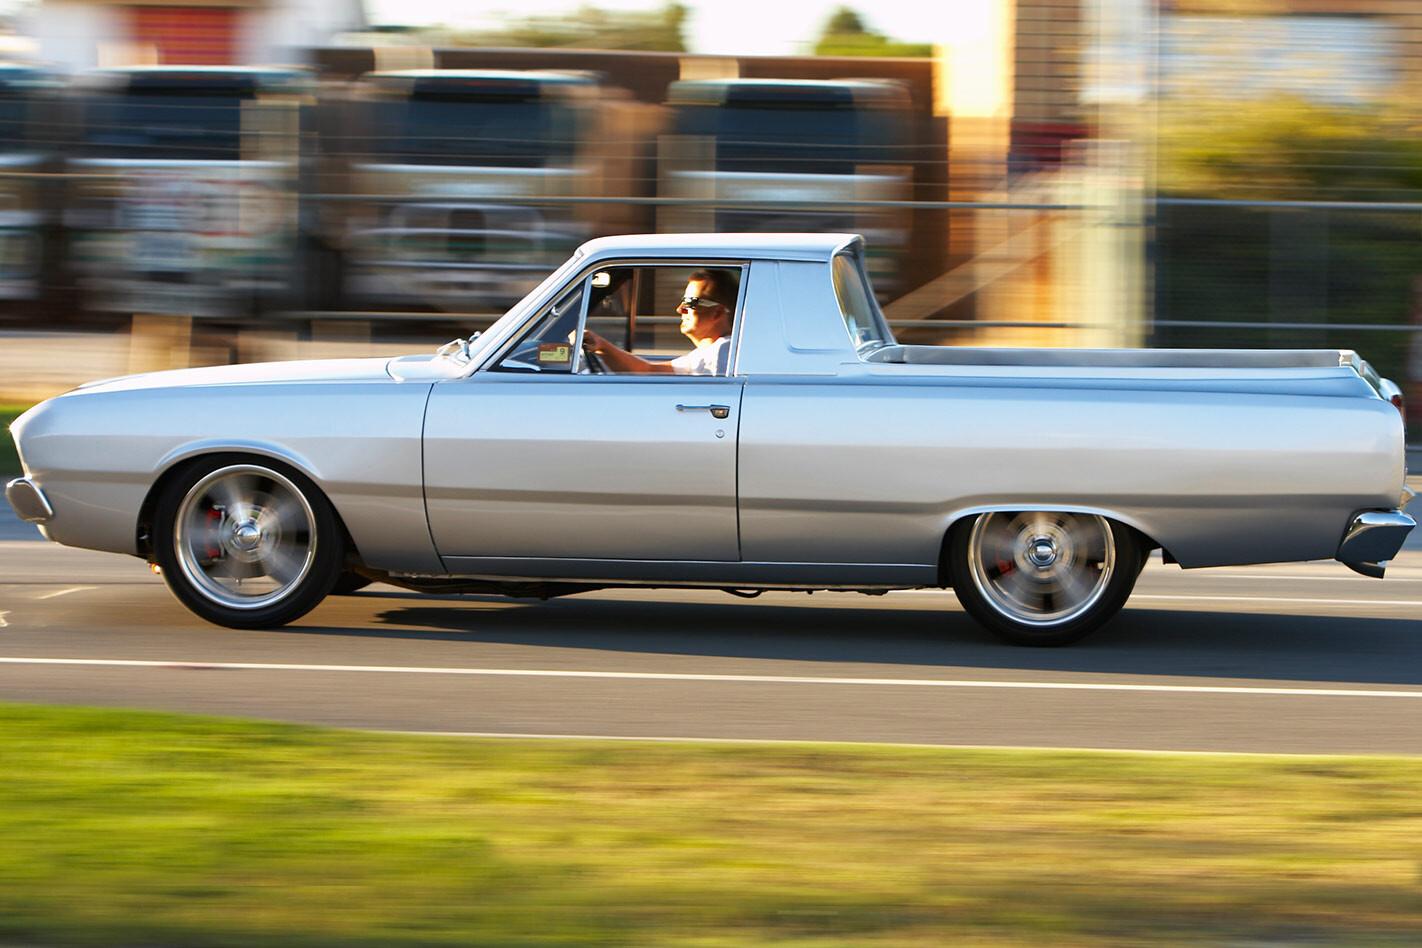 Chrysler VG Valiant ute